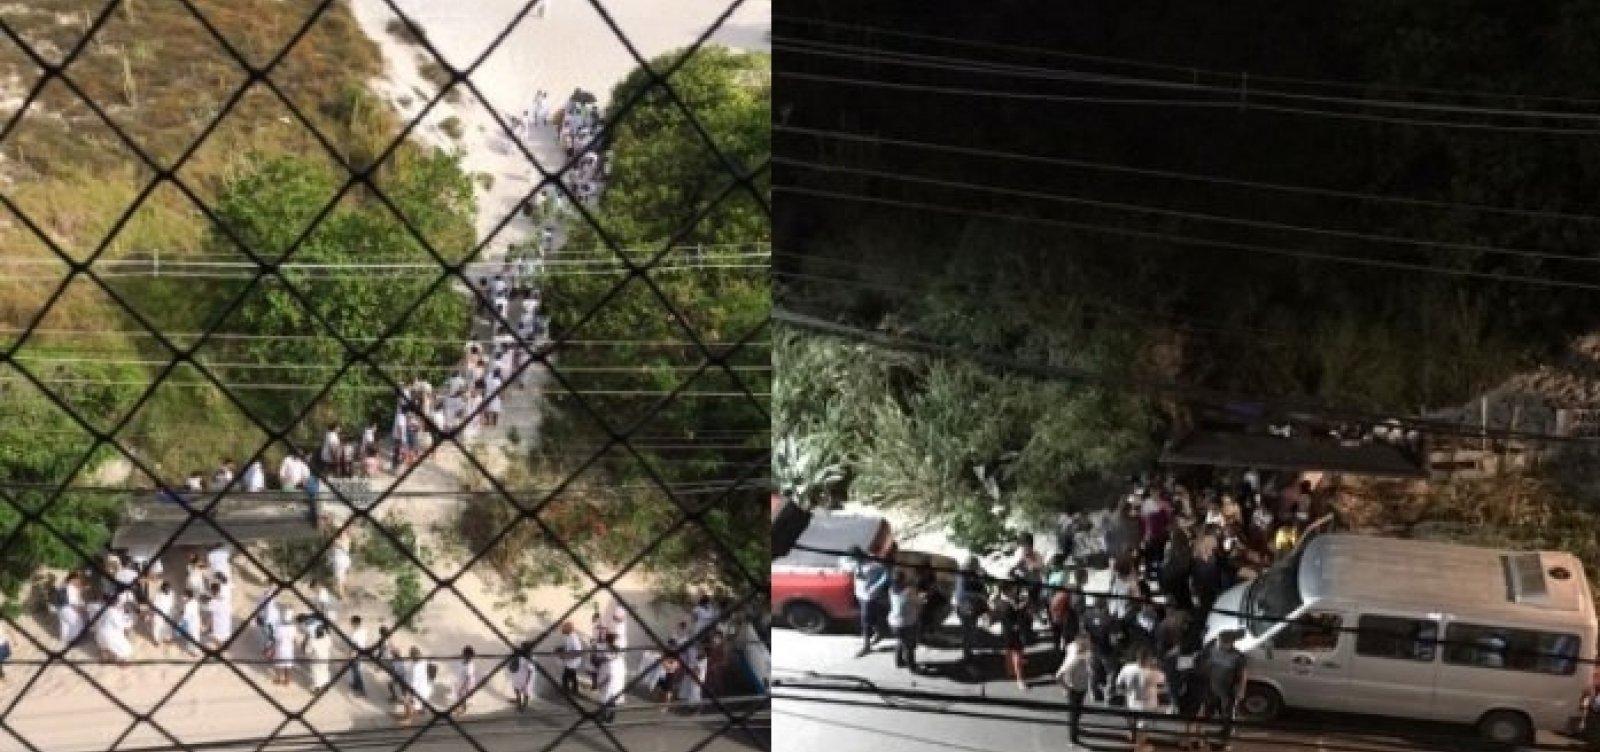 Culto no areal e som alto de evangélicos durante madrugada irritam moradores do Costa Azul